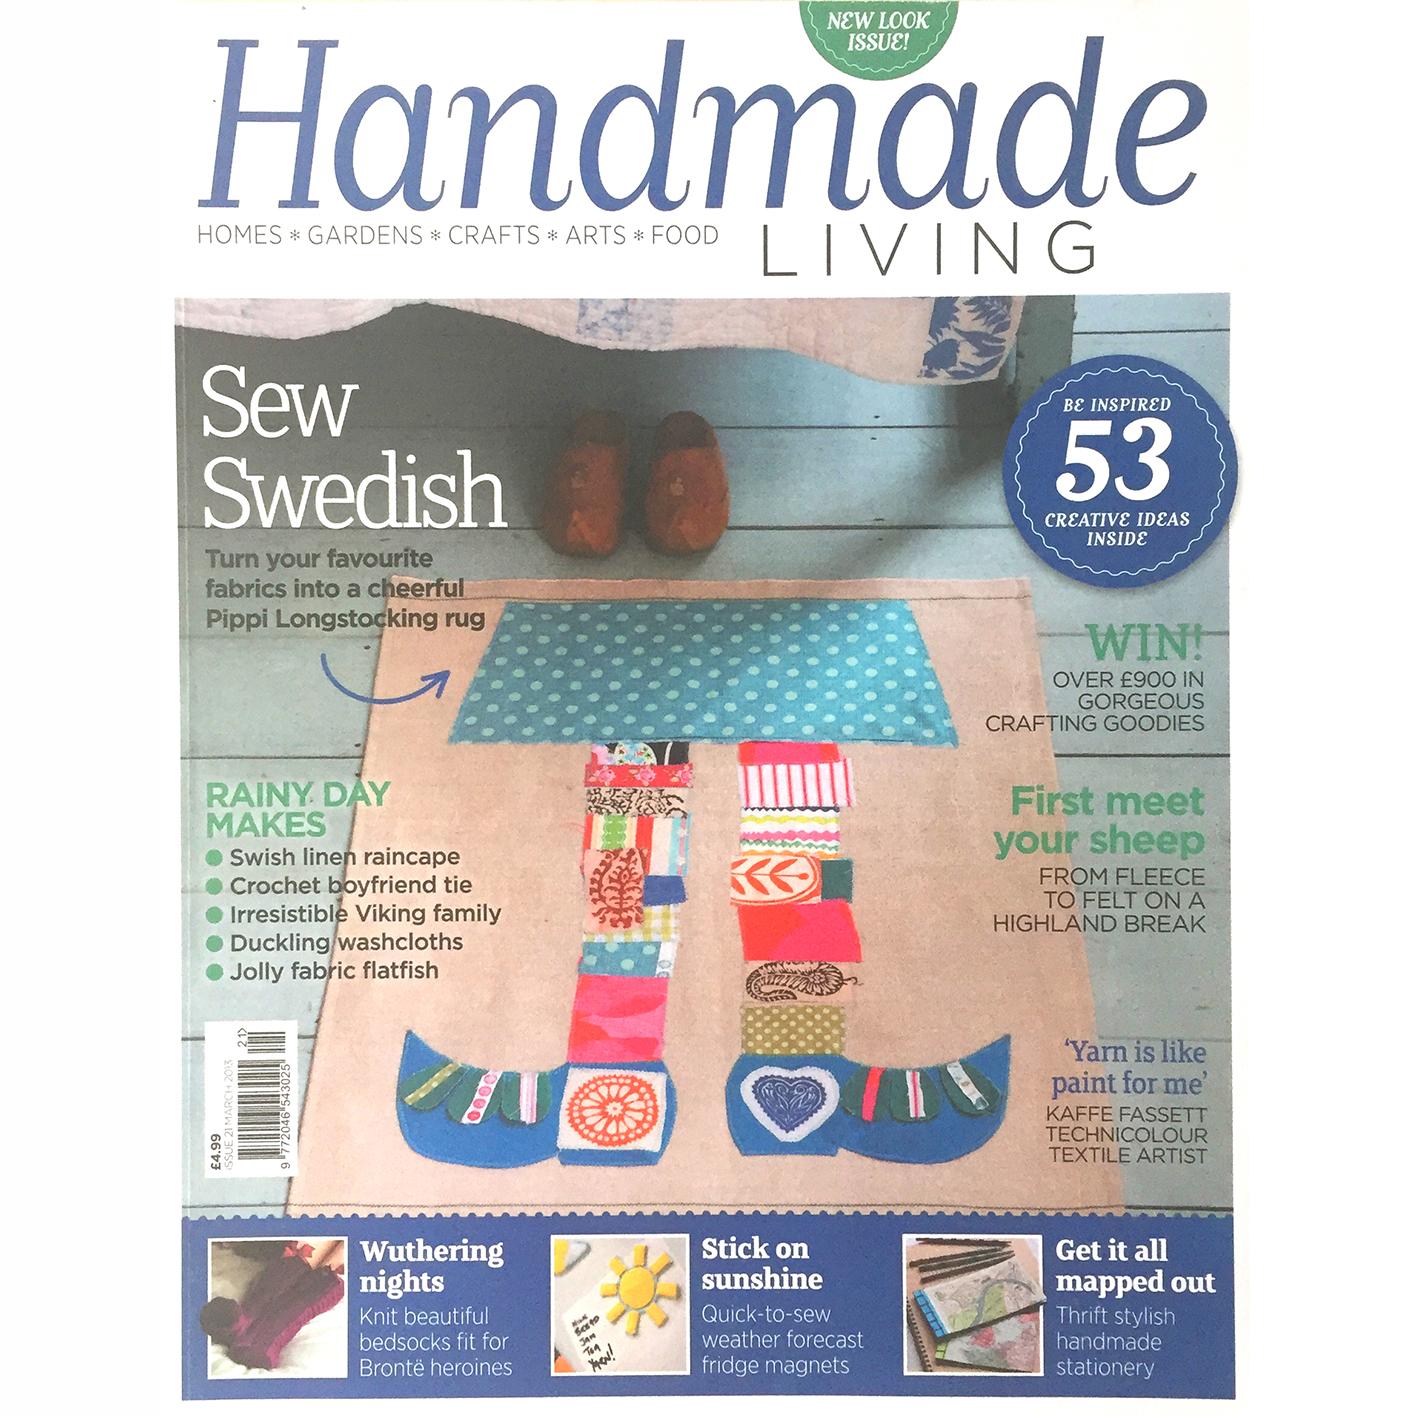 handmade living 1.jpg